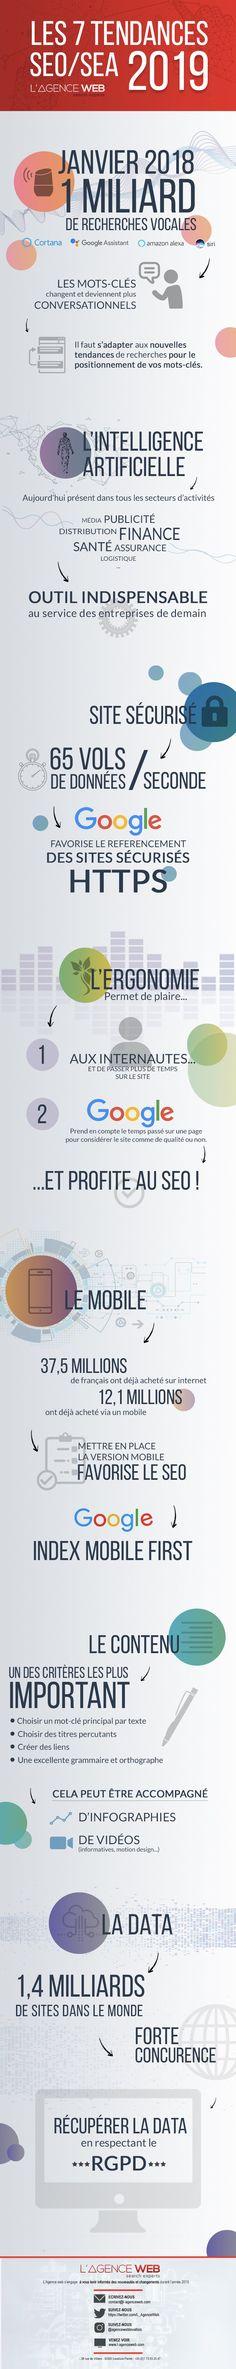 #Infographie : Les tendances SEO pour 2019 Seo Optimization, Search Engine Optimization, Seo Strategy, Le Web, Digital Marketing, Website, Articles, Internet, Google